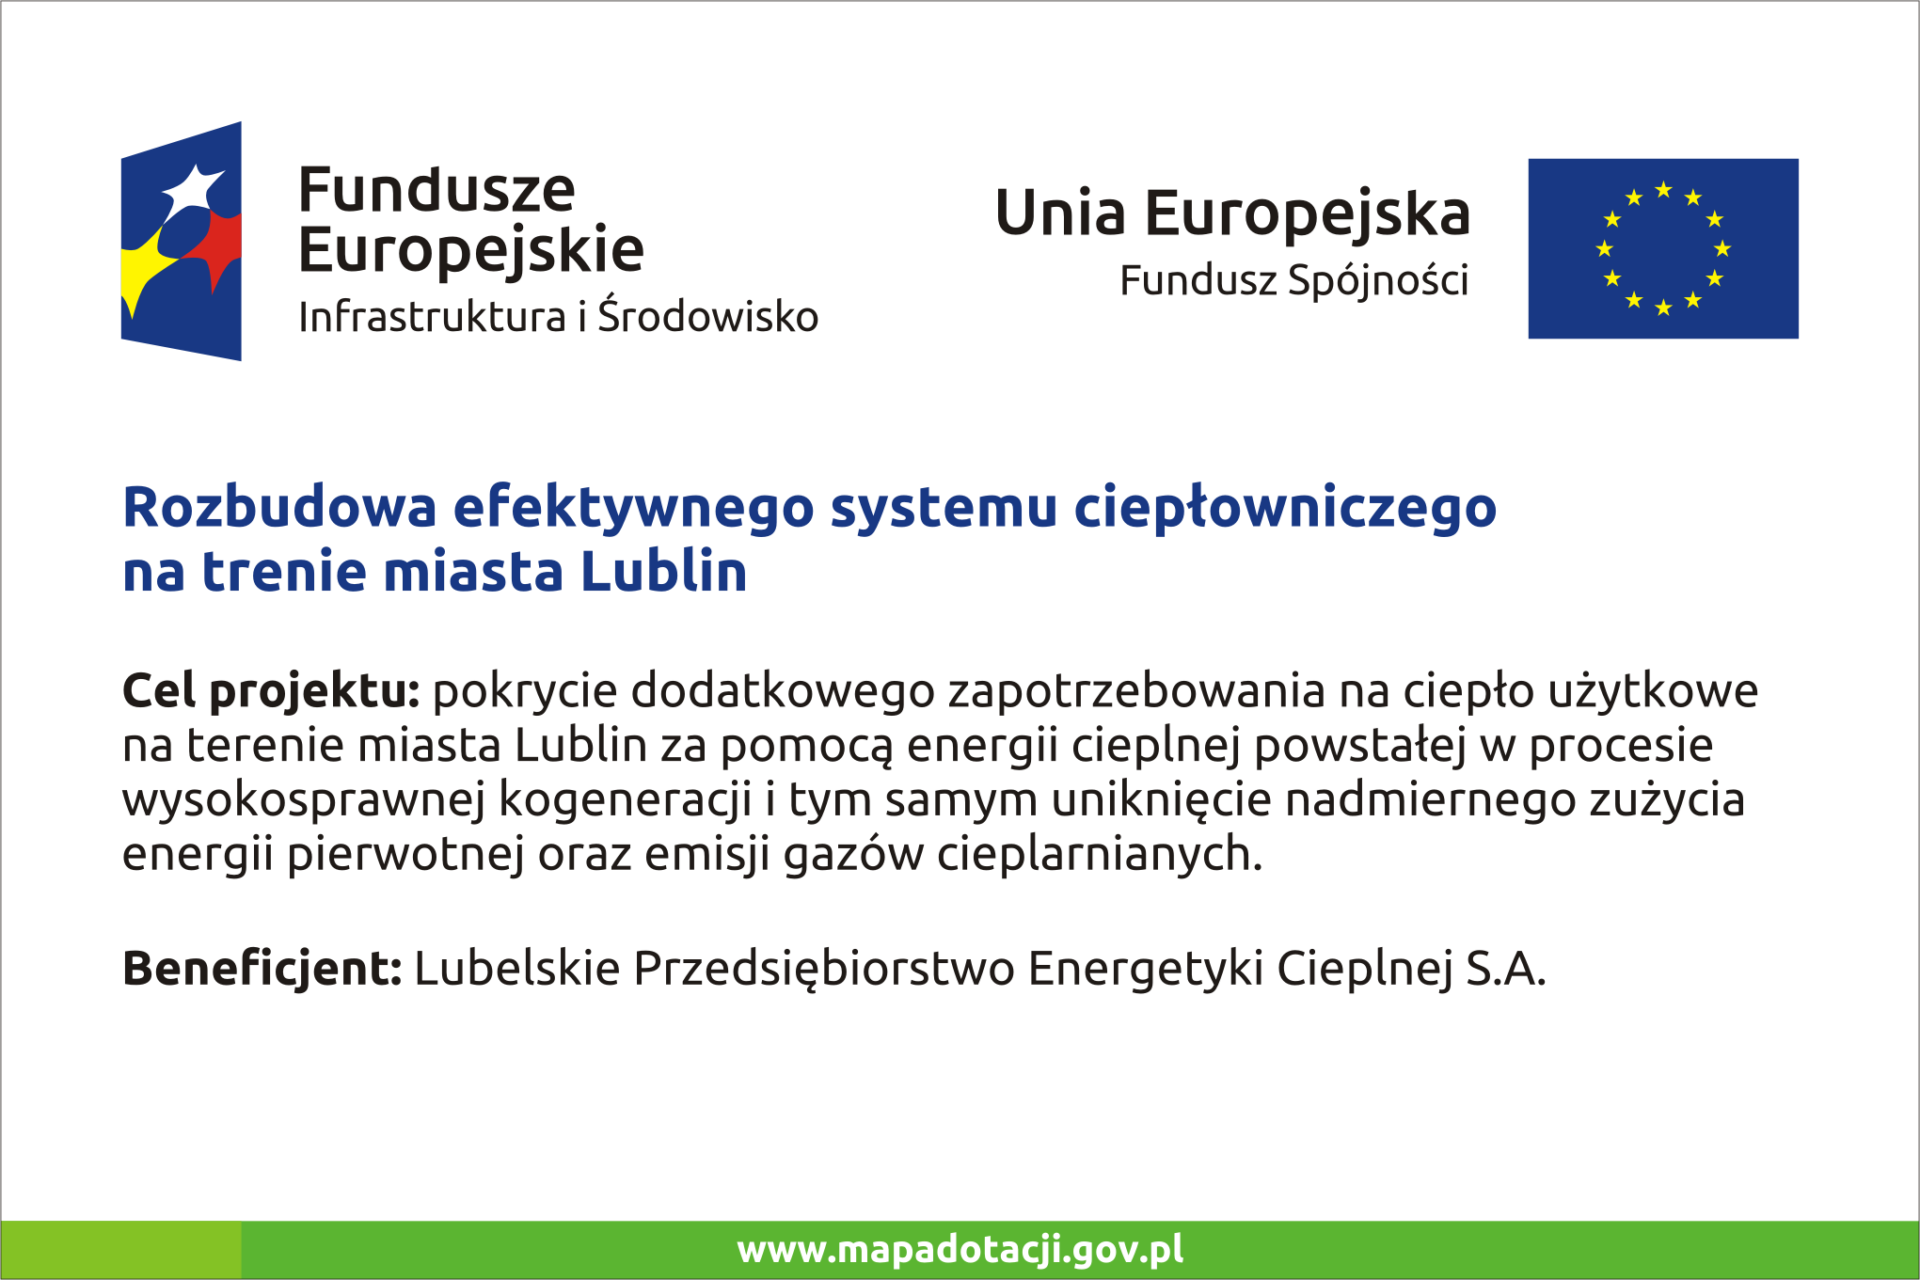 Grafika przedstawia tablice informującą o realizacji projektu UE